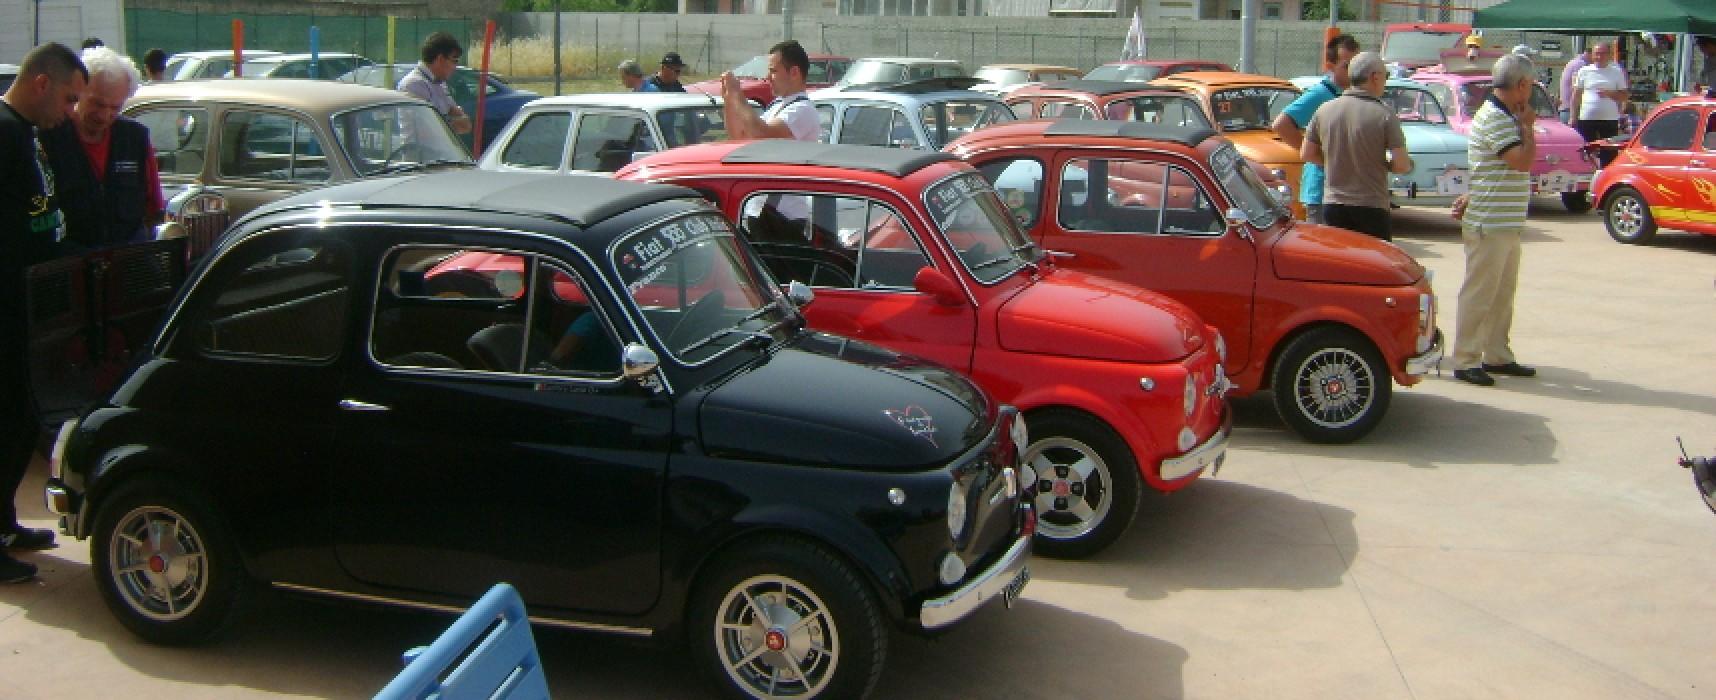 Raduno Nazionale Fiat 500 a Bisceglie, dal 1999 un'emozione che si rinnova